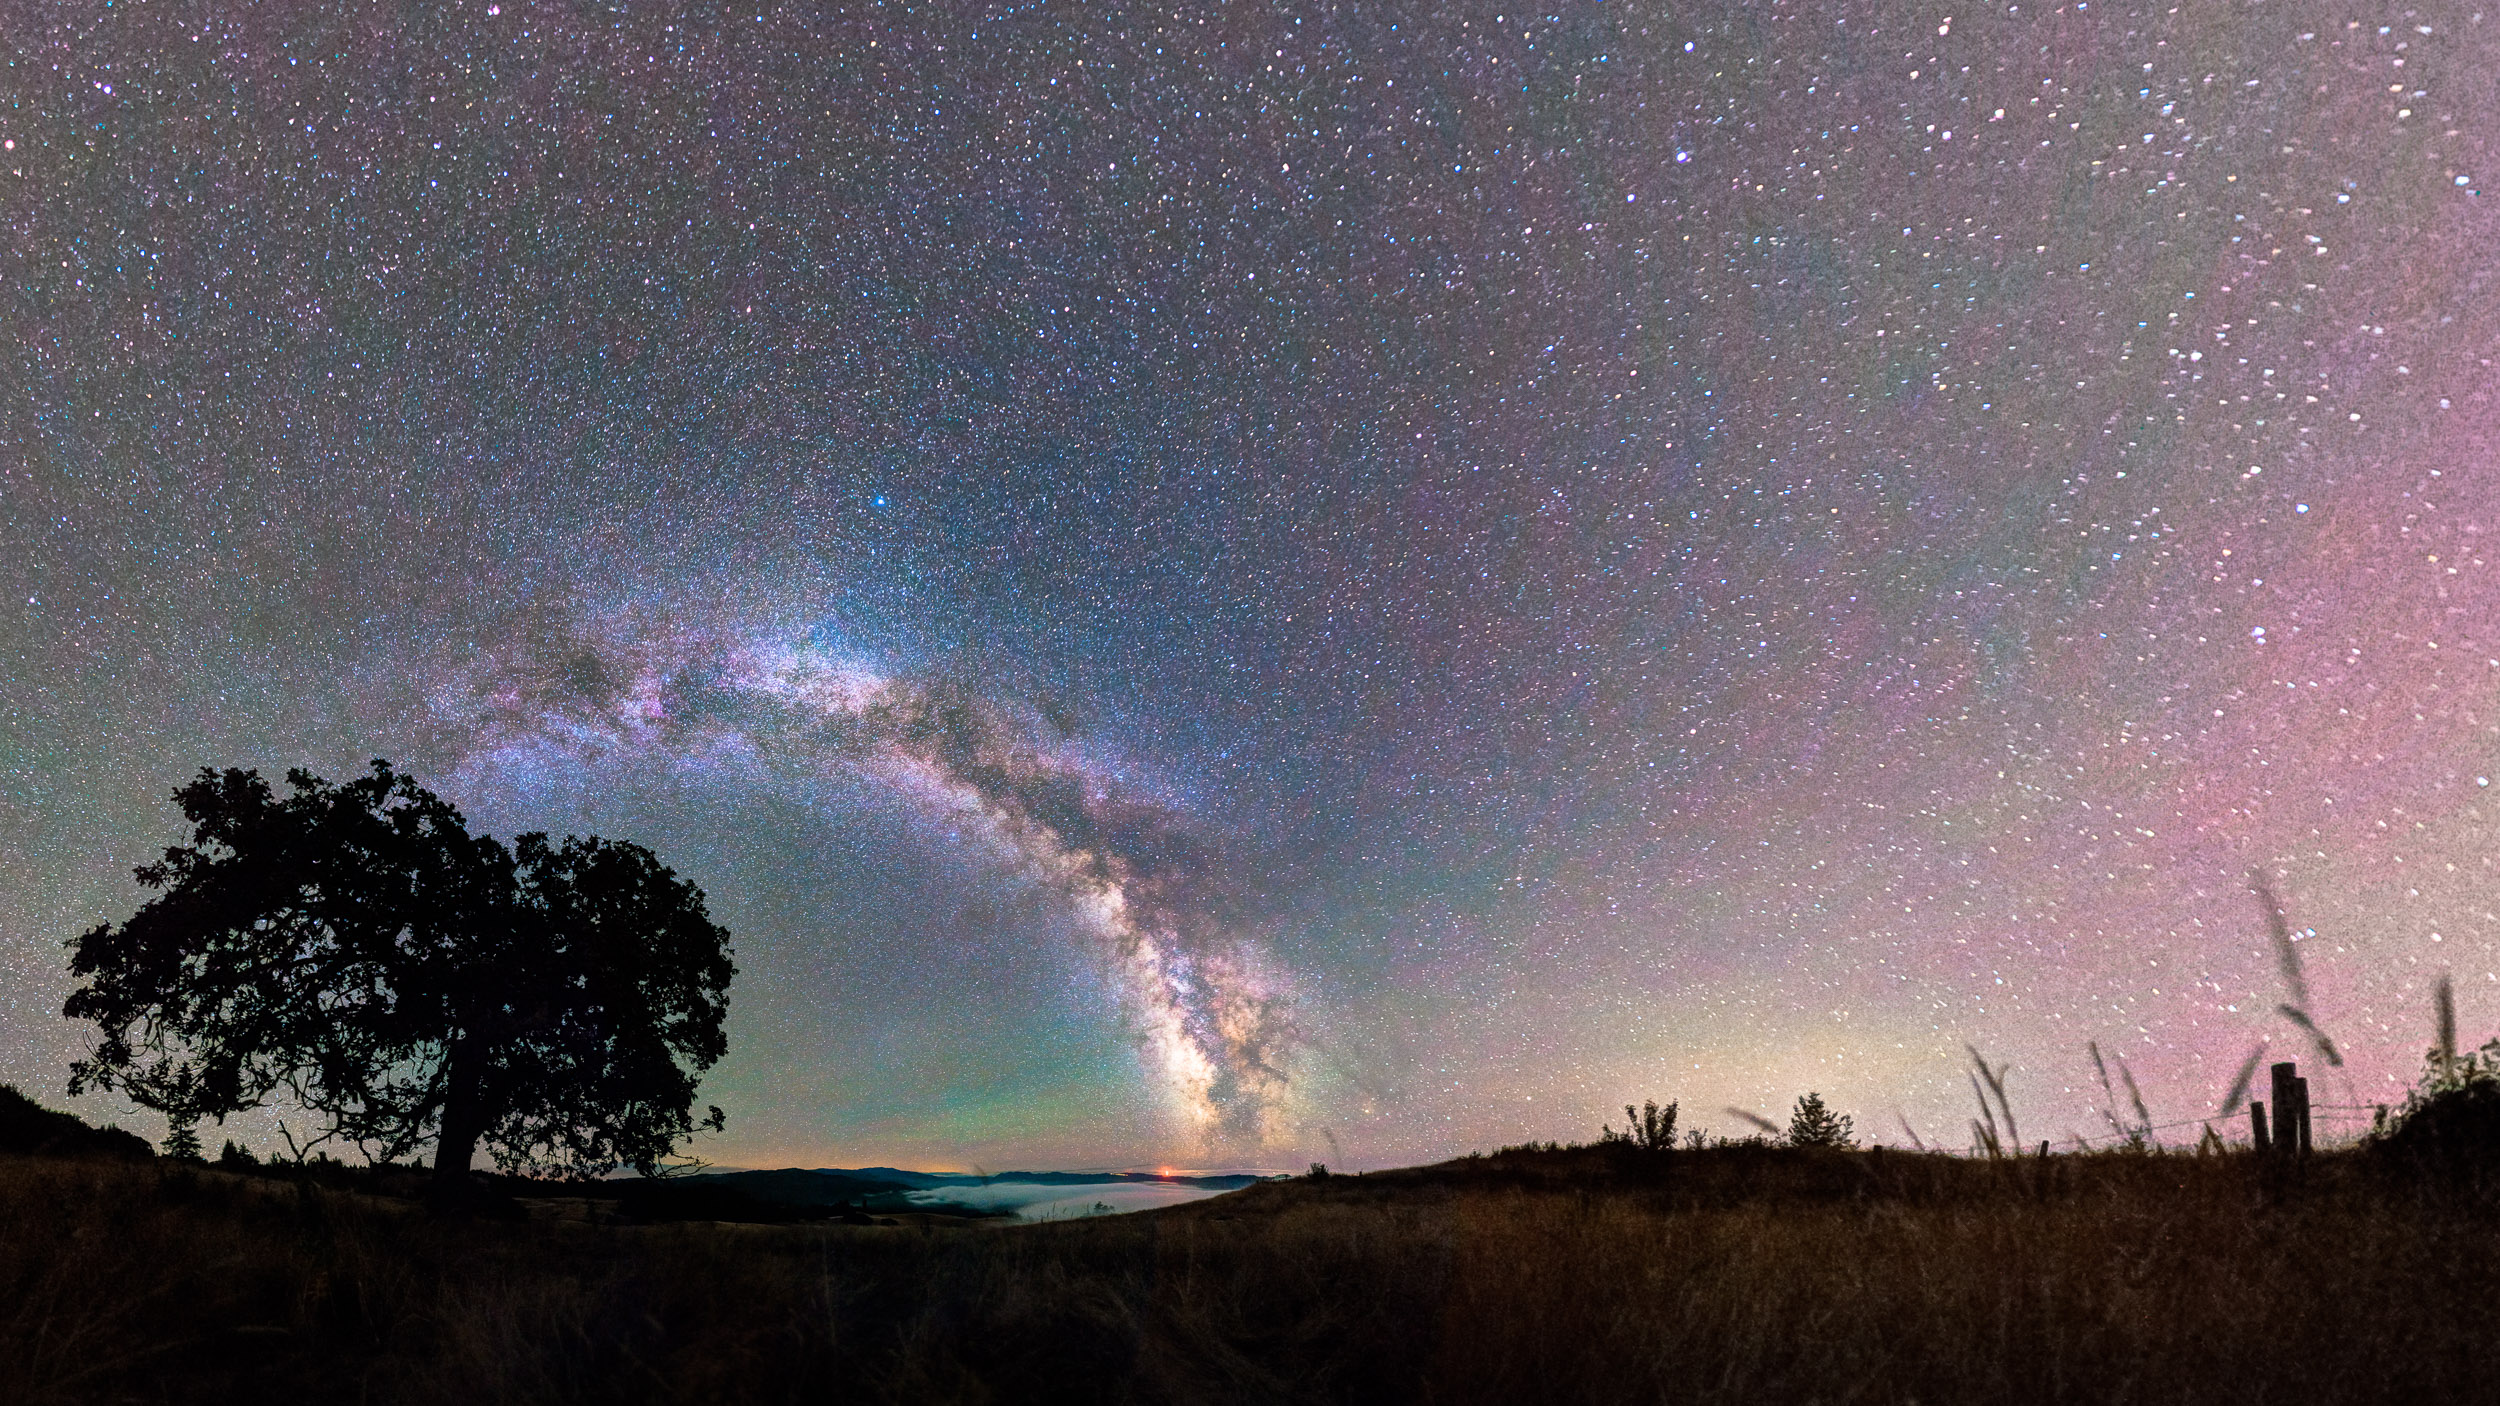 Stellar Field